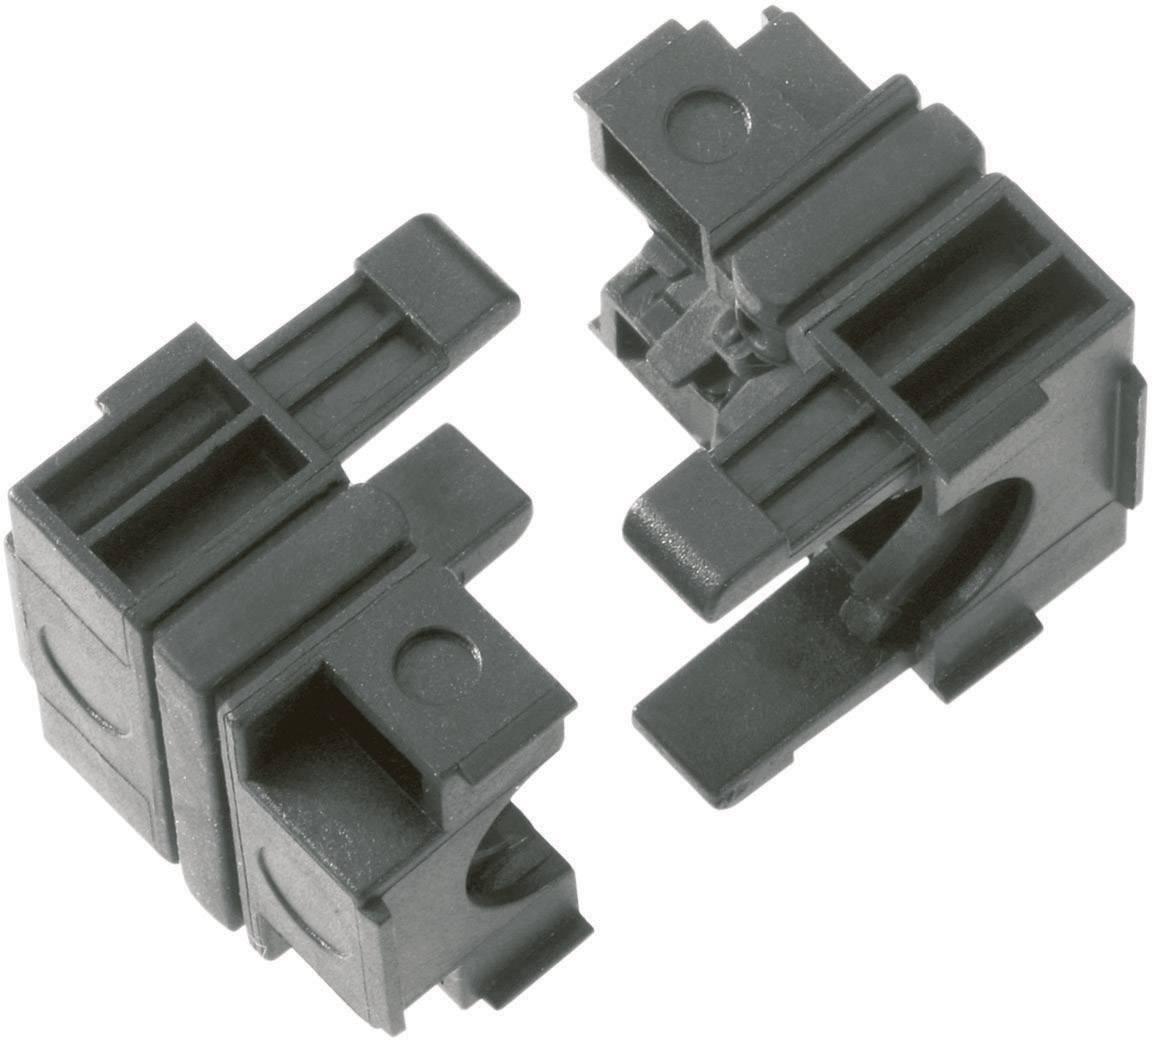 Káblová priechodka LappKabel SKINTOP CUBE S, Ø 12 mm, polypropylén, čierna, 5 ks